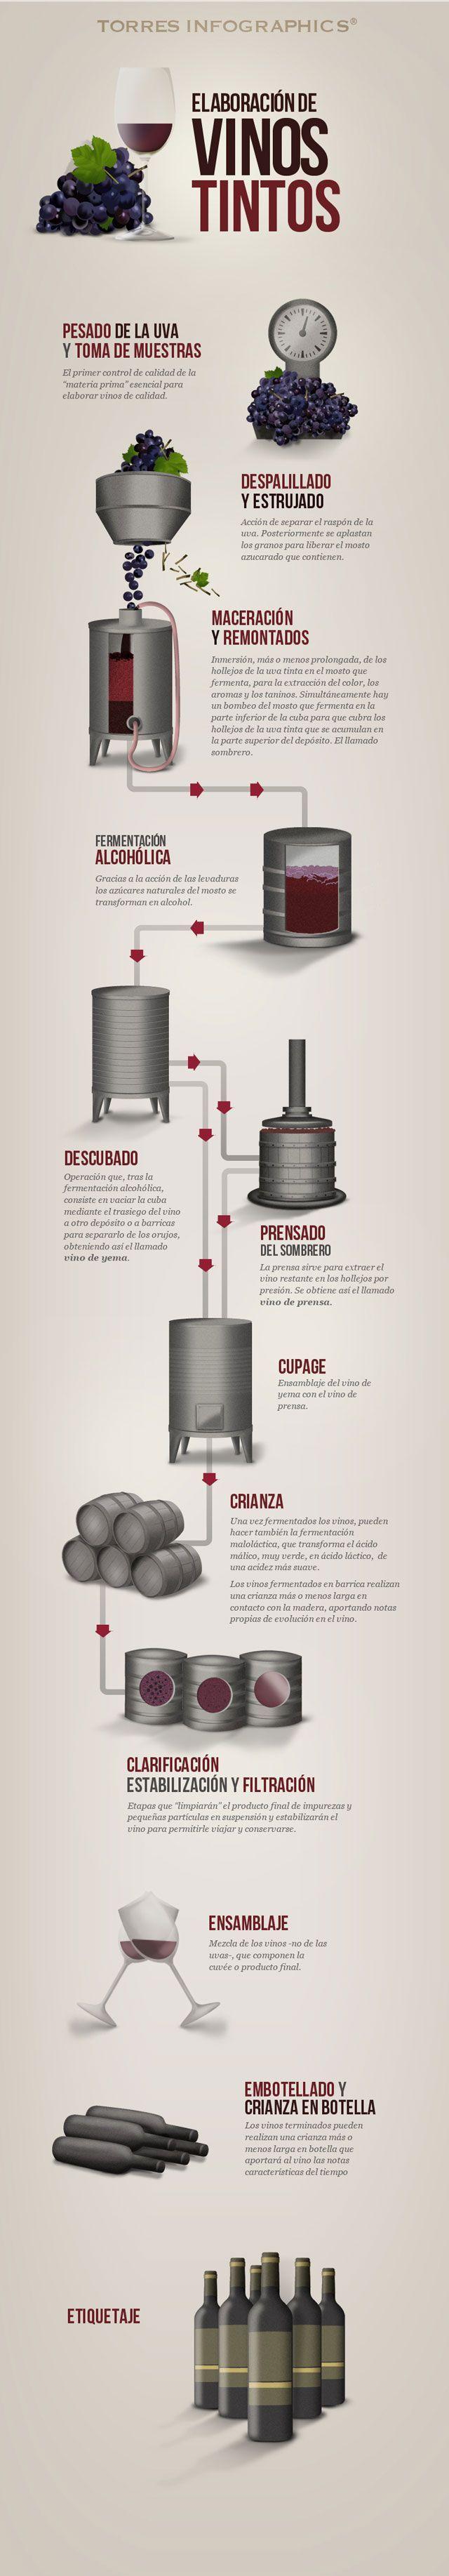 Las infografías son una herramienta fácil y efectiva para entender muchos temas, y sobre todo aprenderlos. A continuación algunas que seguro te van a interesar. Fuentes: cocinayvino.com / winesur.c…